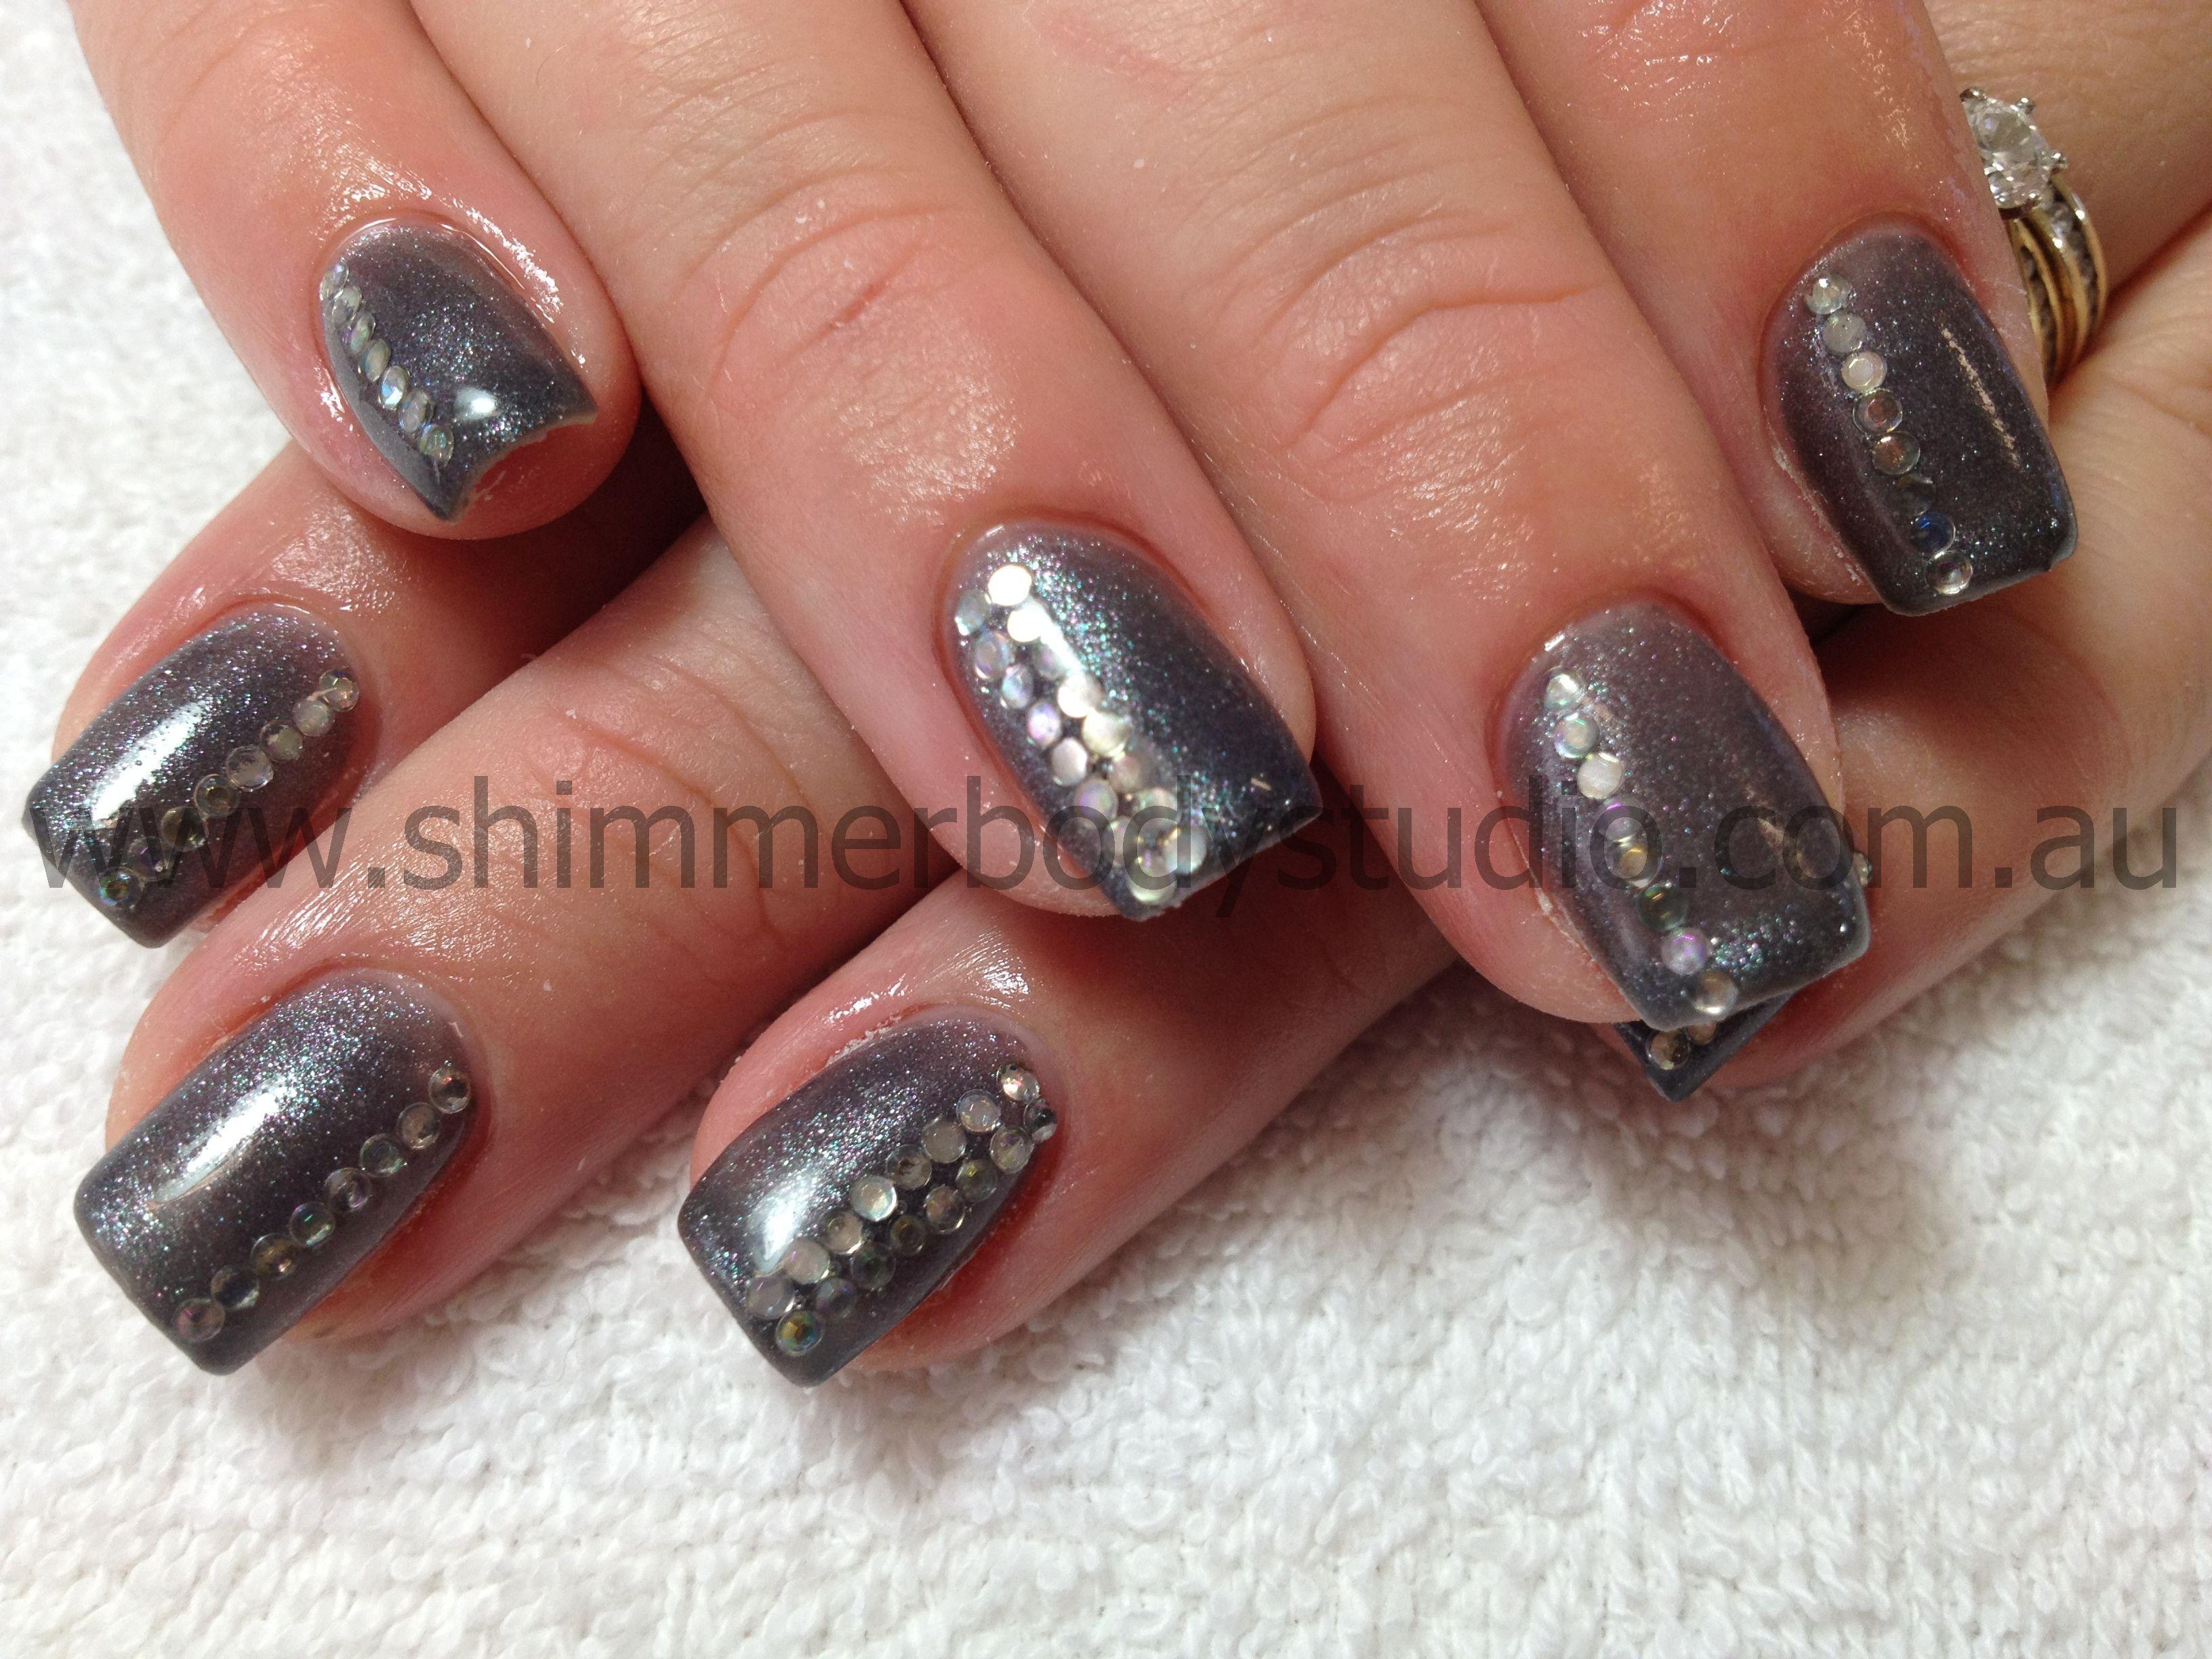 Gel Nails, Gel Polish, Nail Art, Crystals, Diamante, Bling. | Nail ...